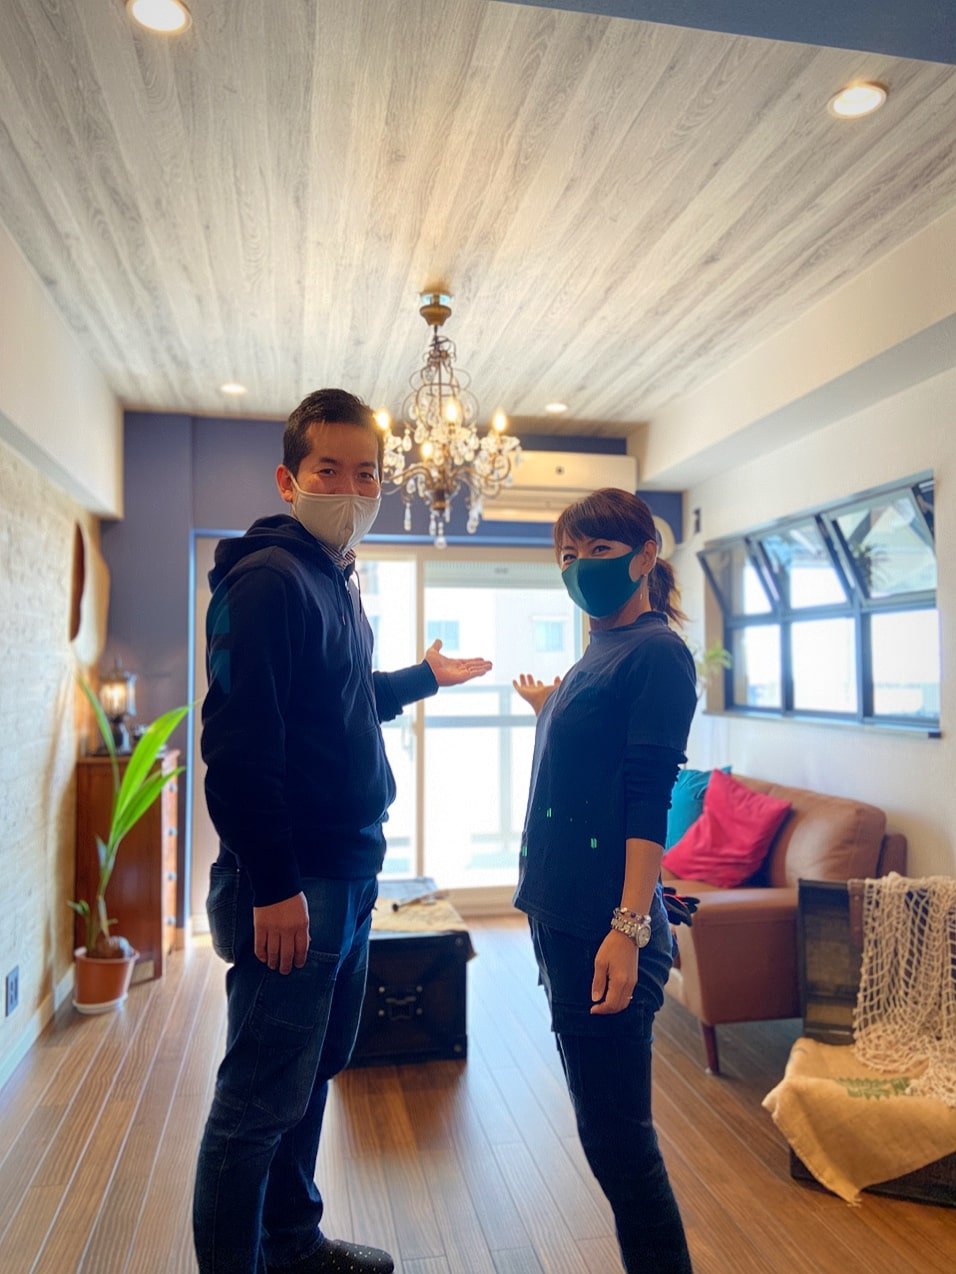 【明石市】海が見えるお部屋「ヴィンテージリゾート」明石アーバンライフ619号室。見学会開催と感染症対策。ご来場お待ちしております!